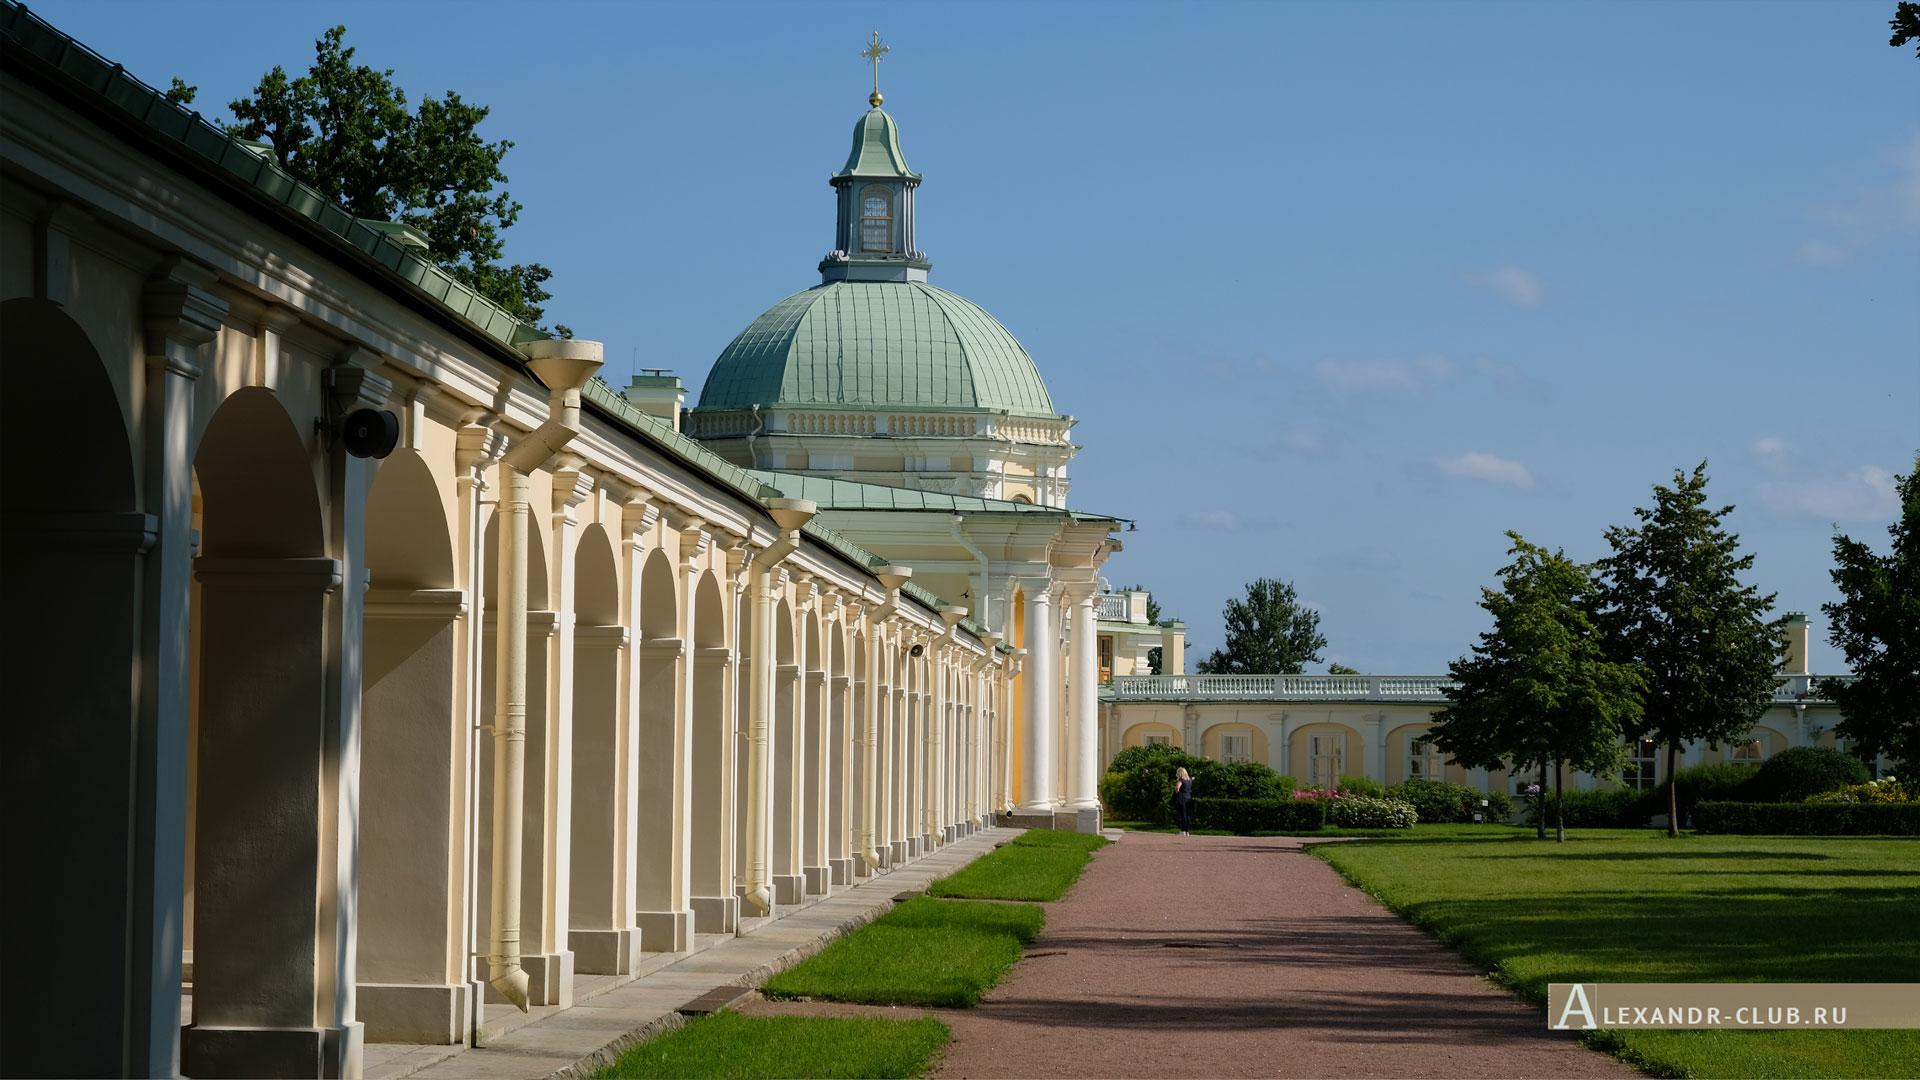 Ораниенбаум, лето, Большой Меншиковский дворец, служебный флигель